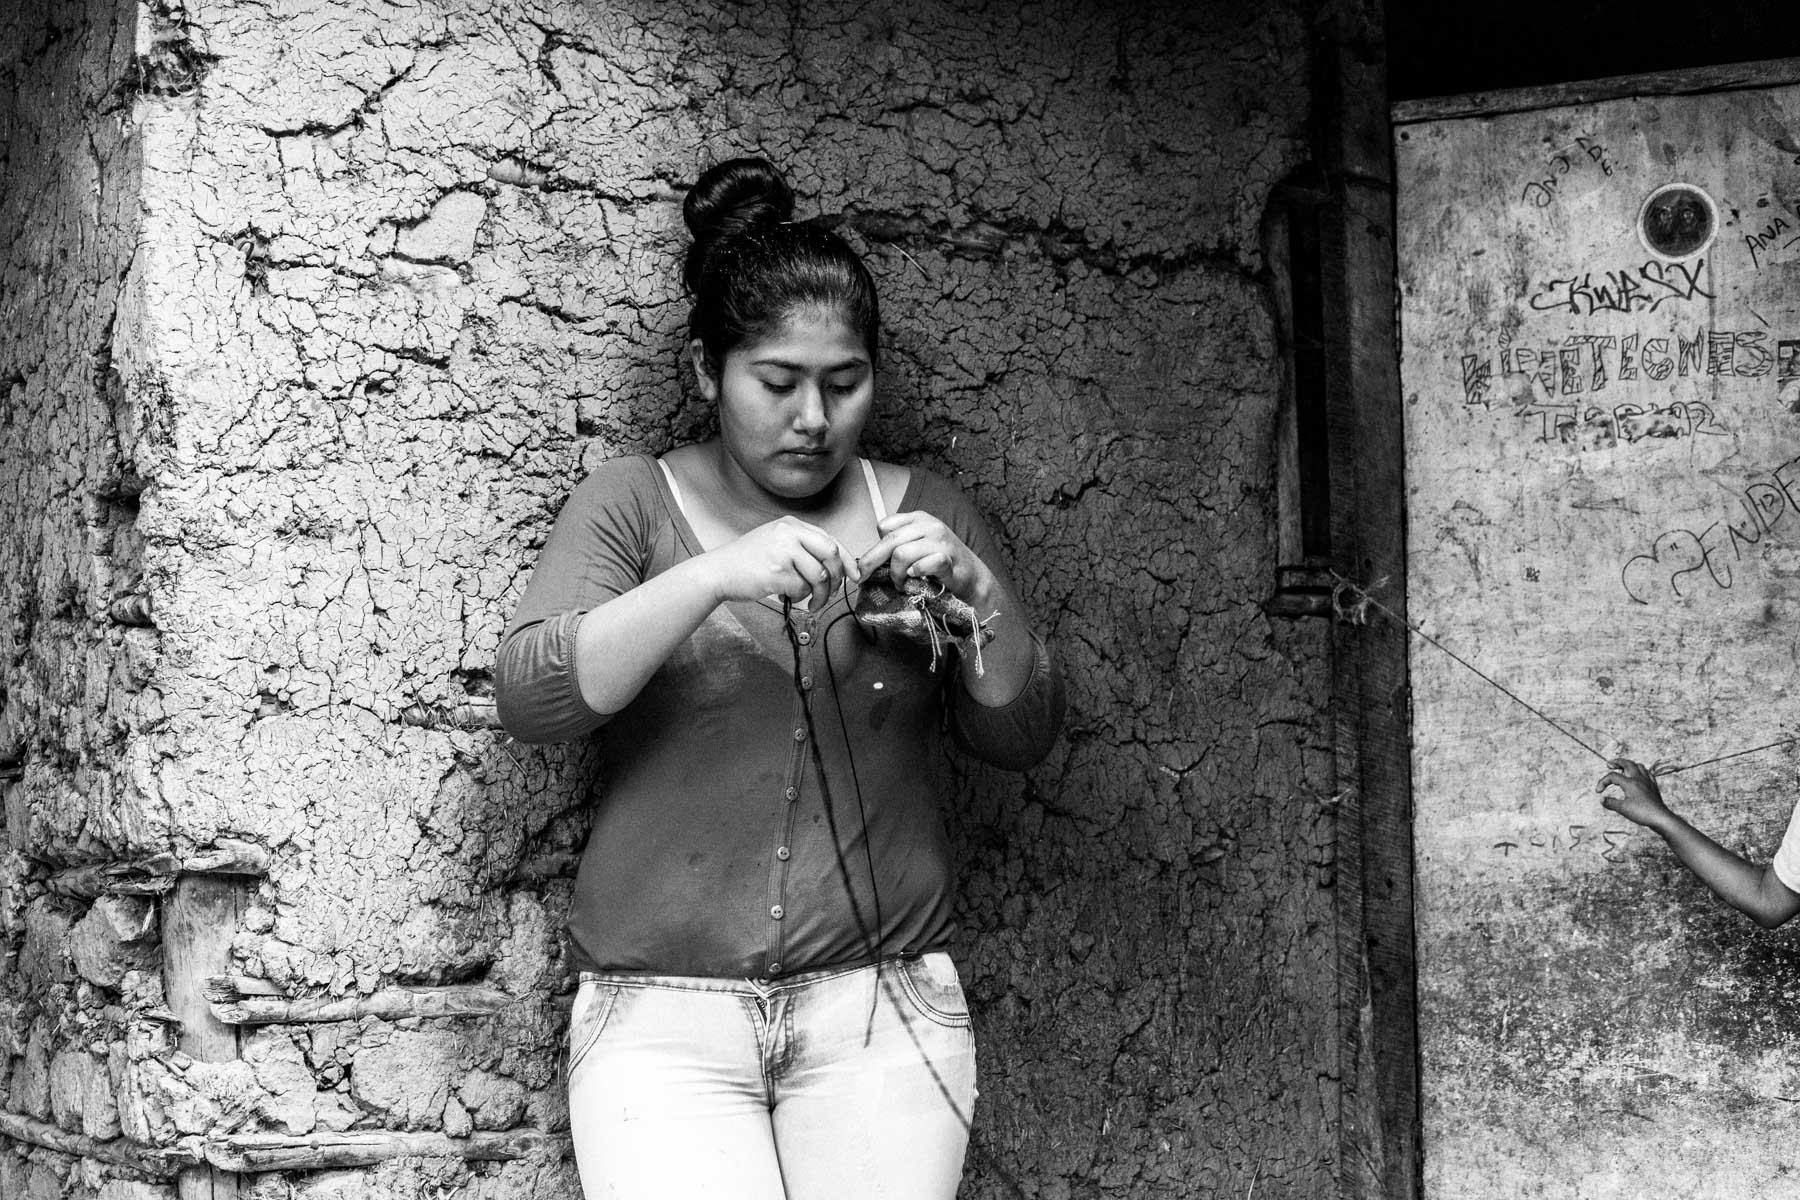 Francy Liliana Pequi Ascue (21 años), El Tablazo, Toribío, Cauca, Colombia. Septiembre 6, 2018.